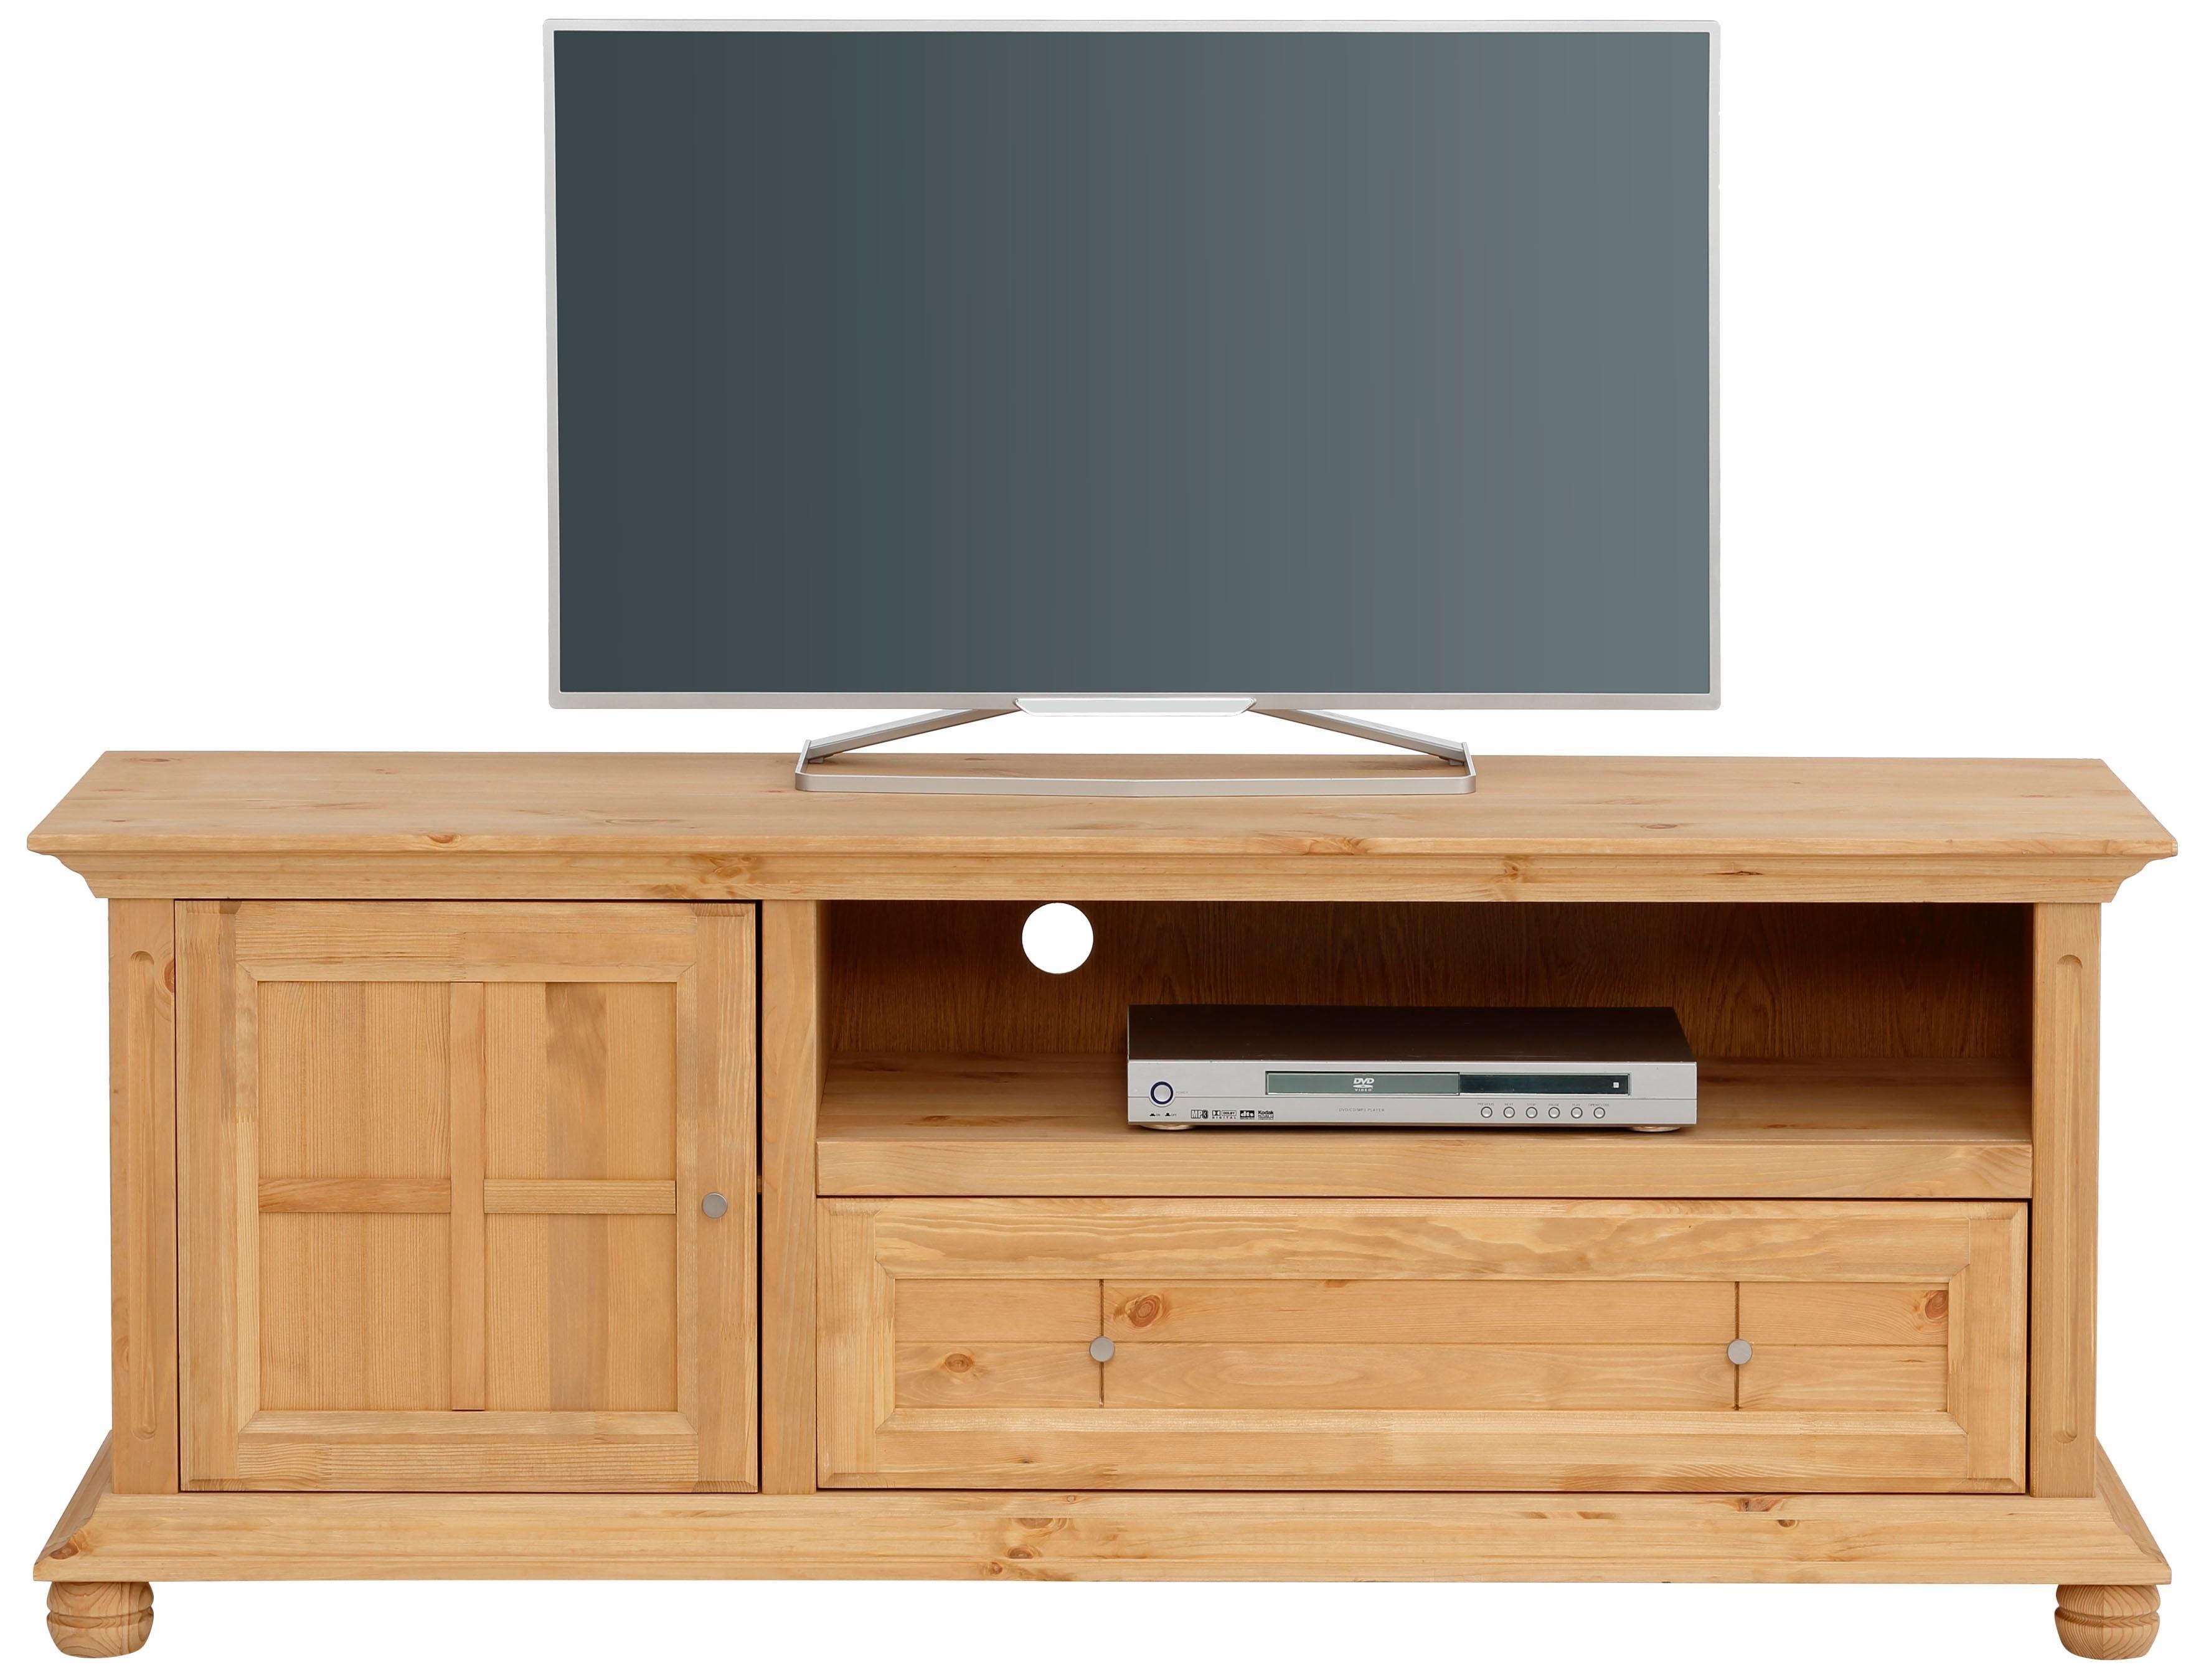 Home Affaire tv-meubel »Kristin«, van massief hout, in twee verschillende kleuren, breedte 161 cm - verschillende betaalmethodes